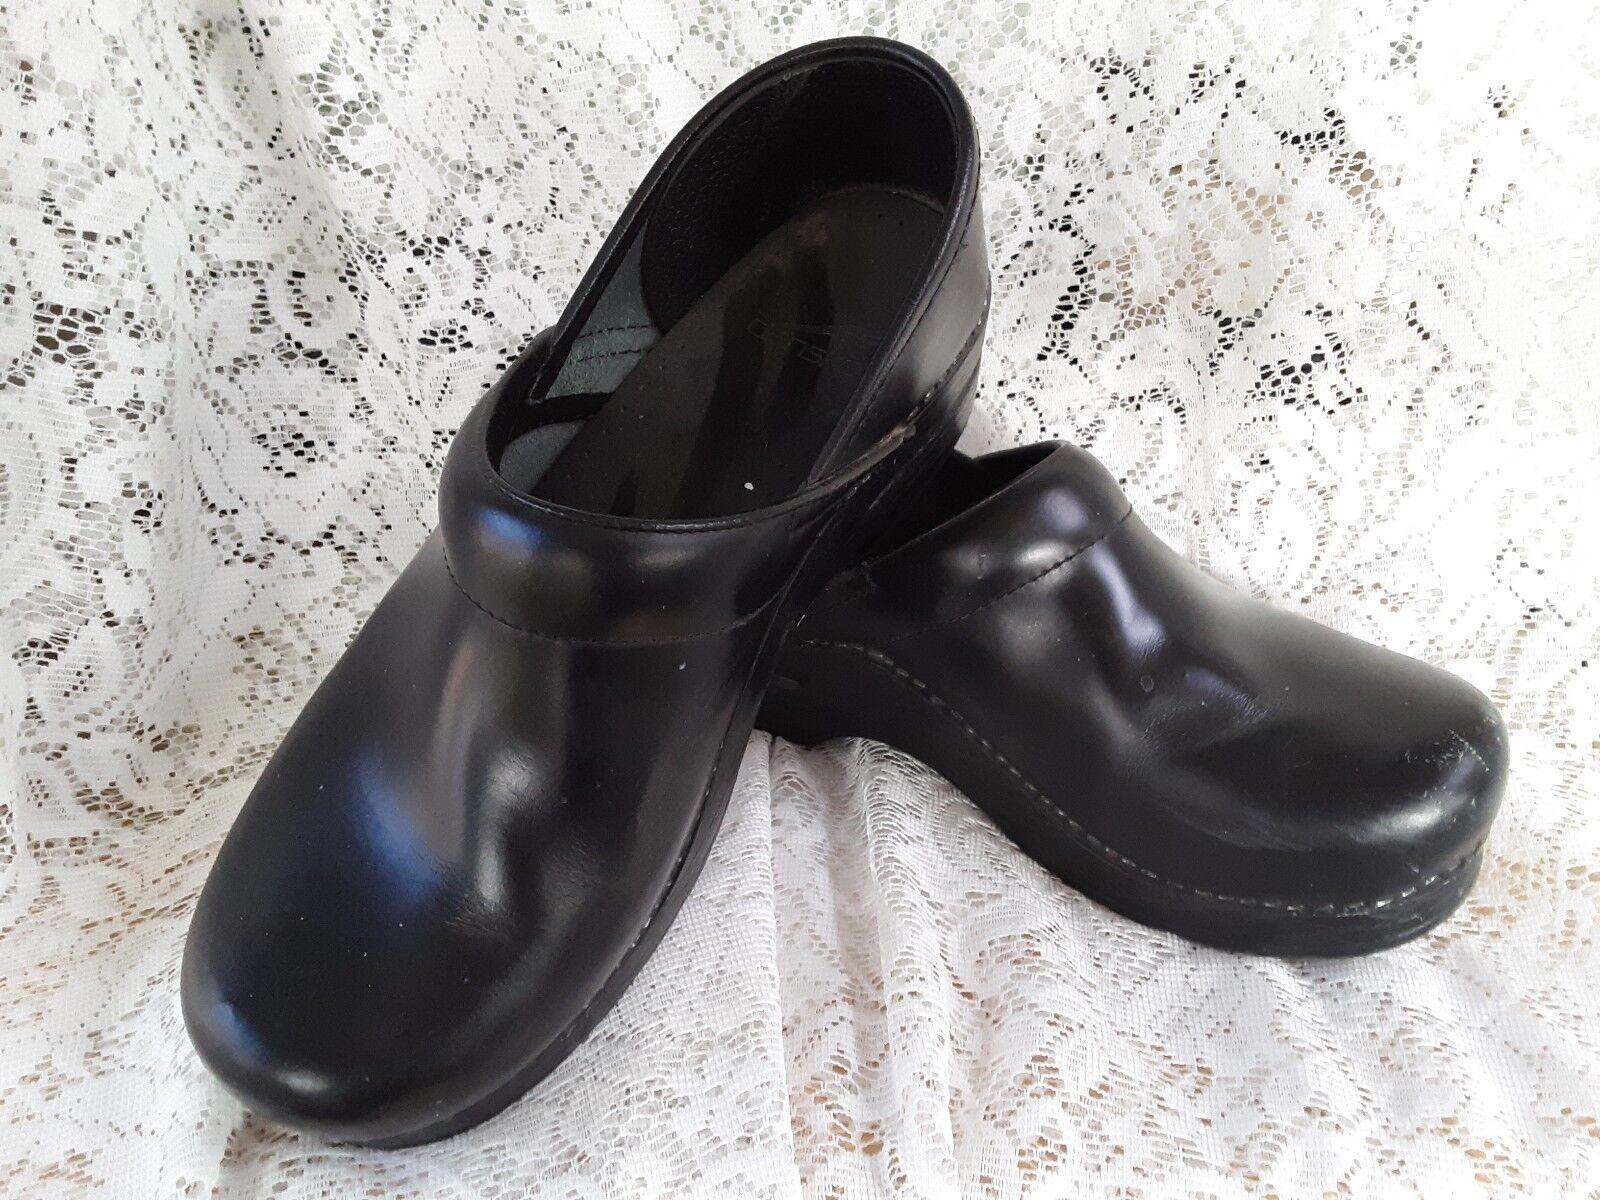 Dansko Negro Cuero clavado Profesional Zuecos Zapatos De Mujer 38 38 38 7.5-8  Usado en Excelente Estado   ventas en linea